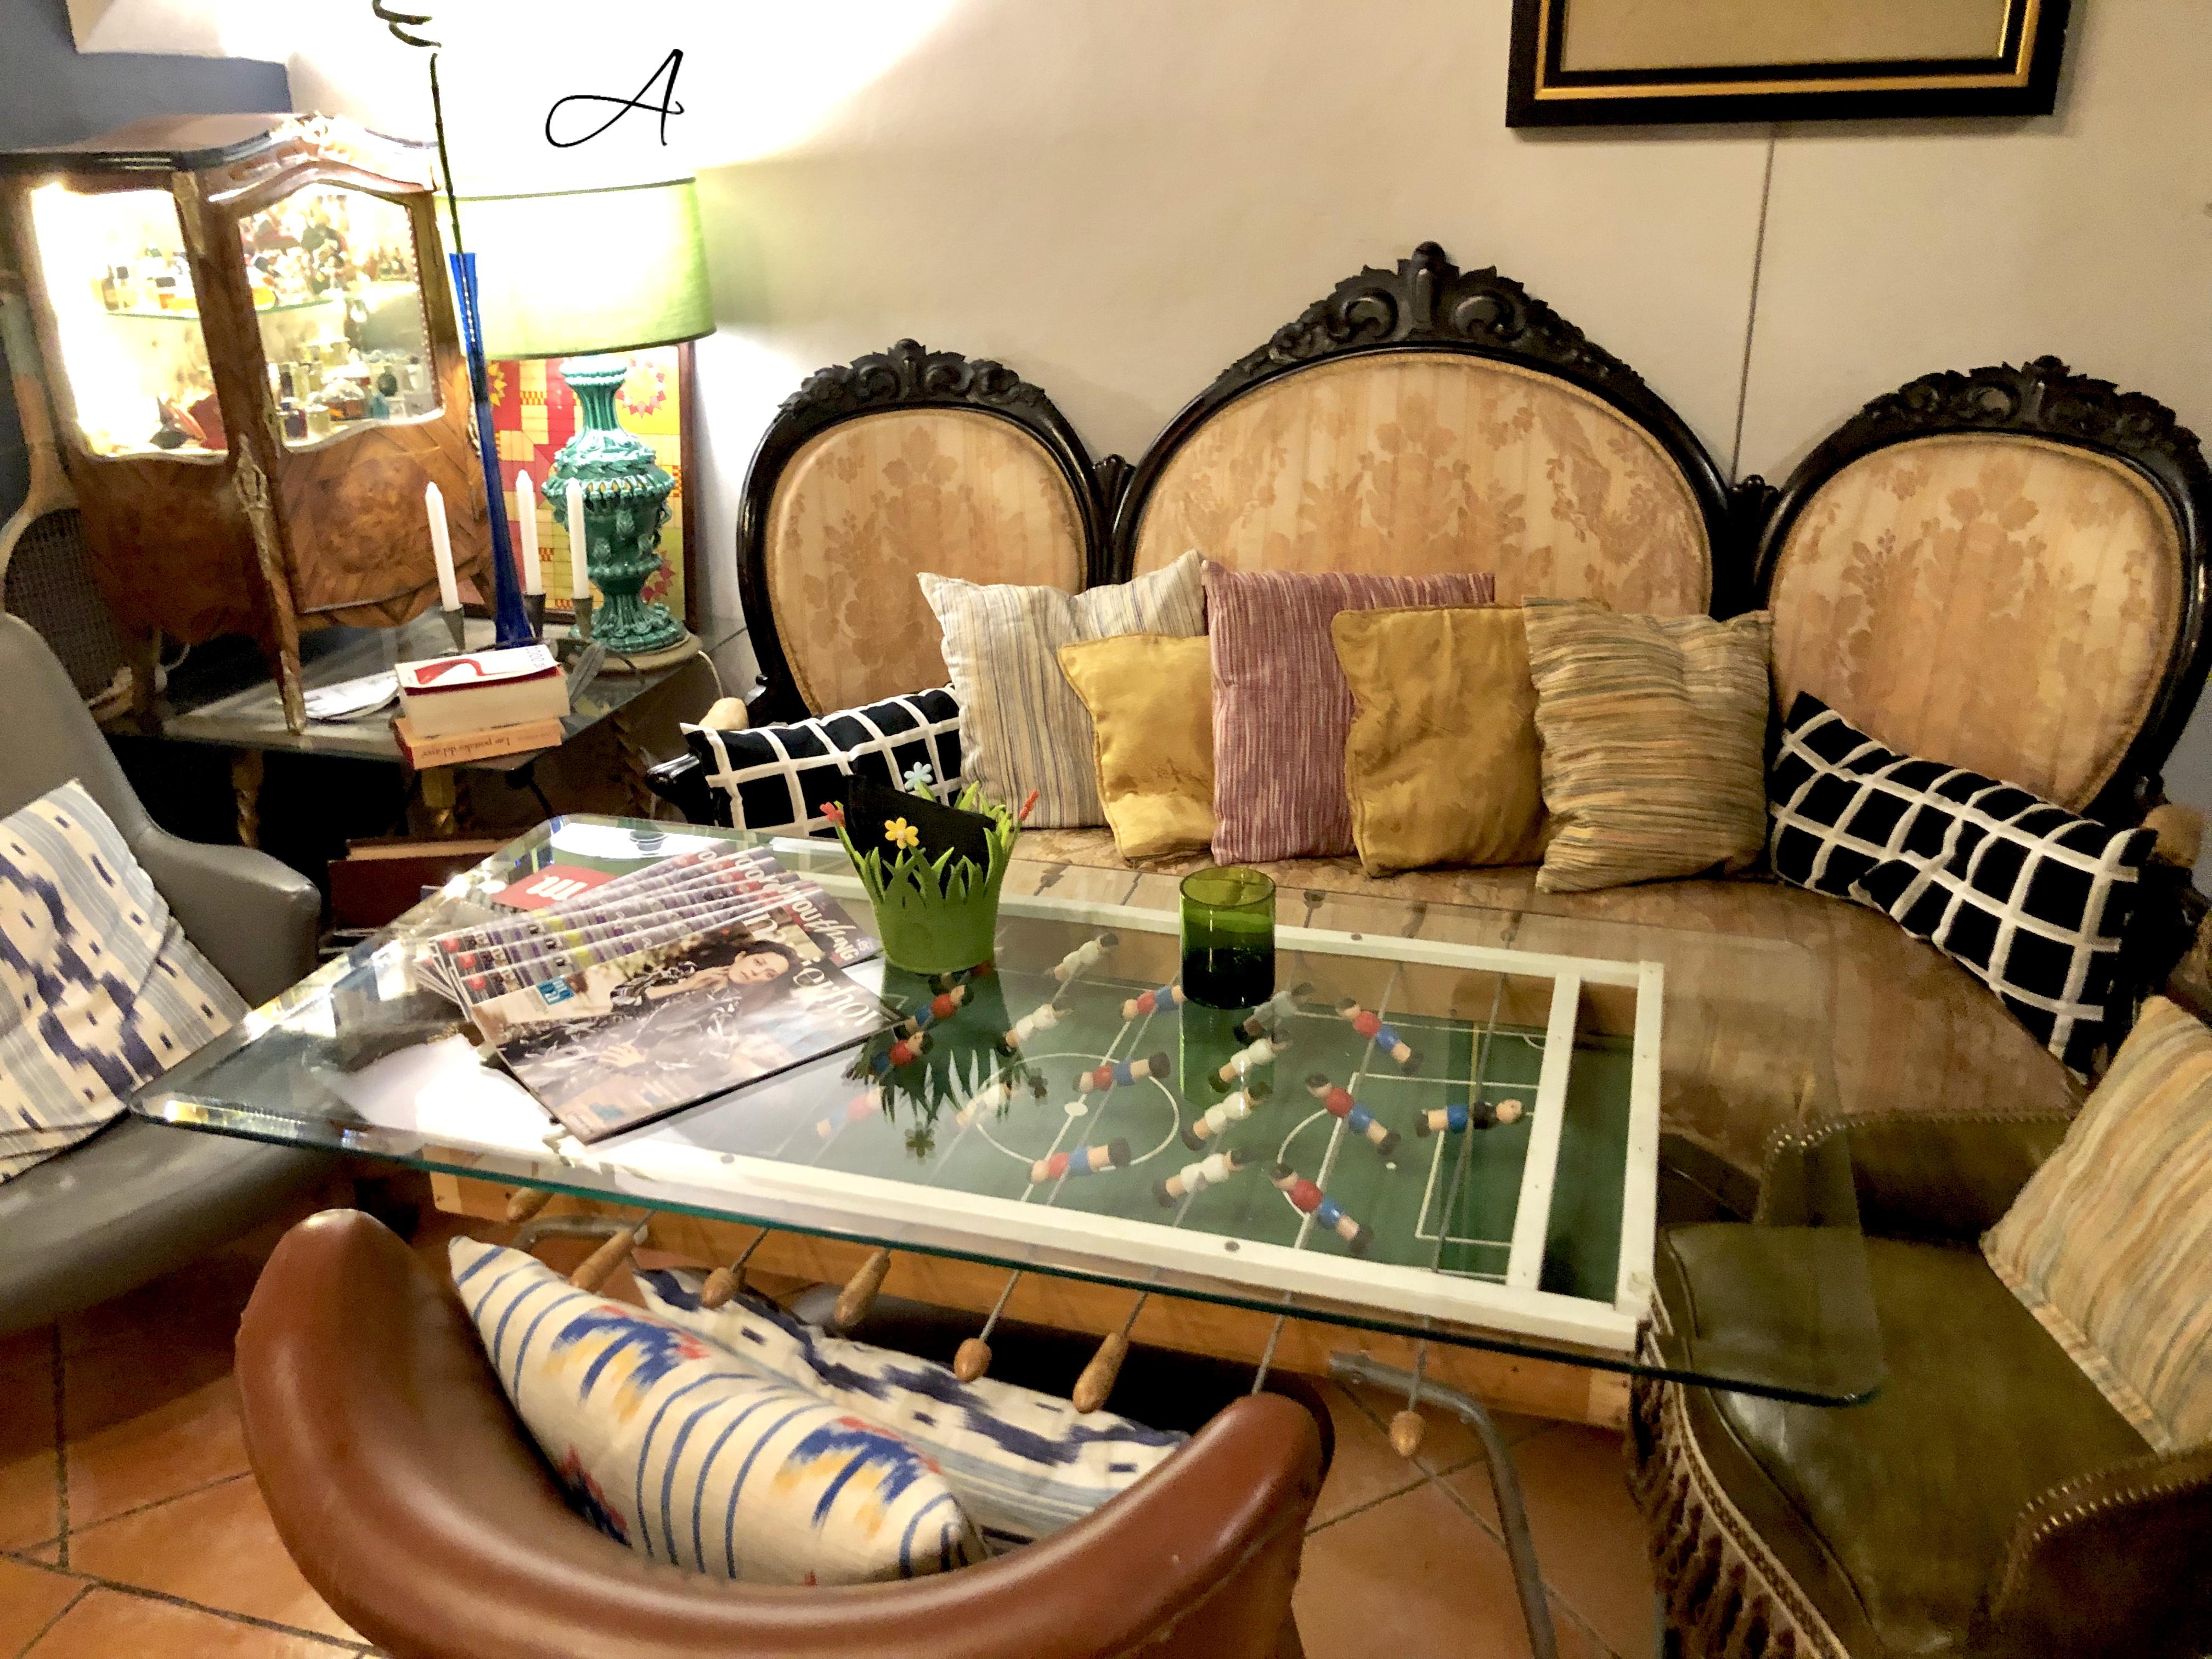 Art, mobles i vins se ubica en la calle Manacor y ofrece un concepto ...